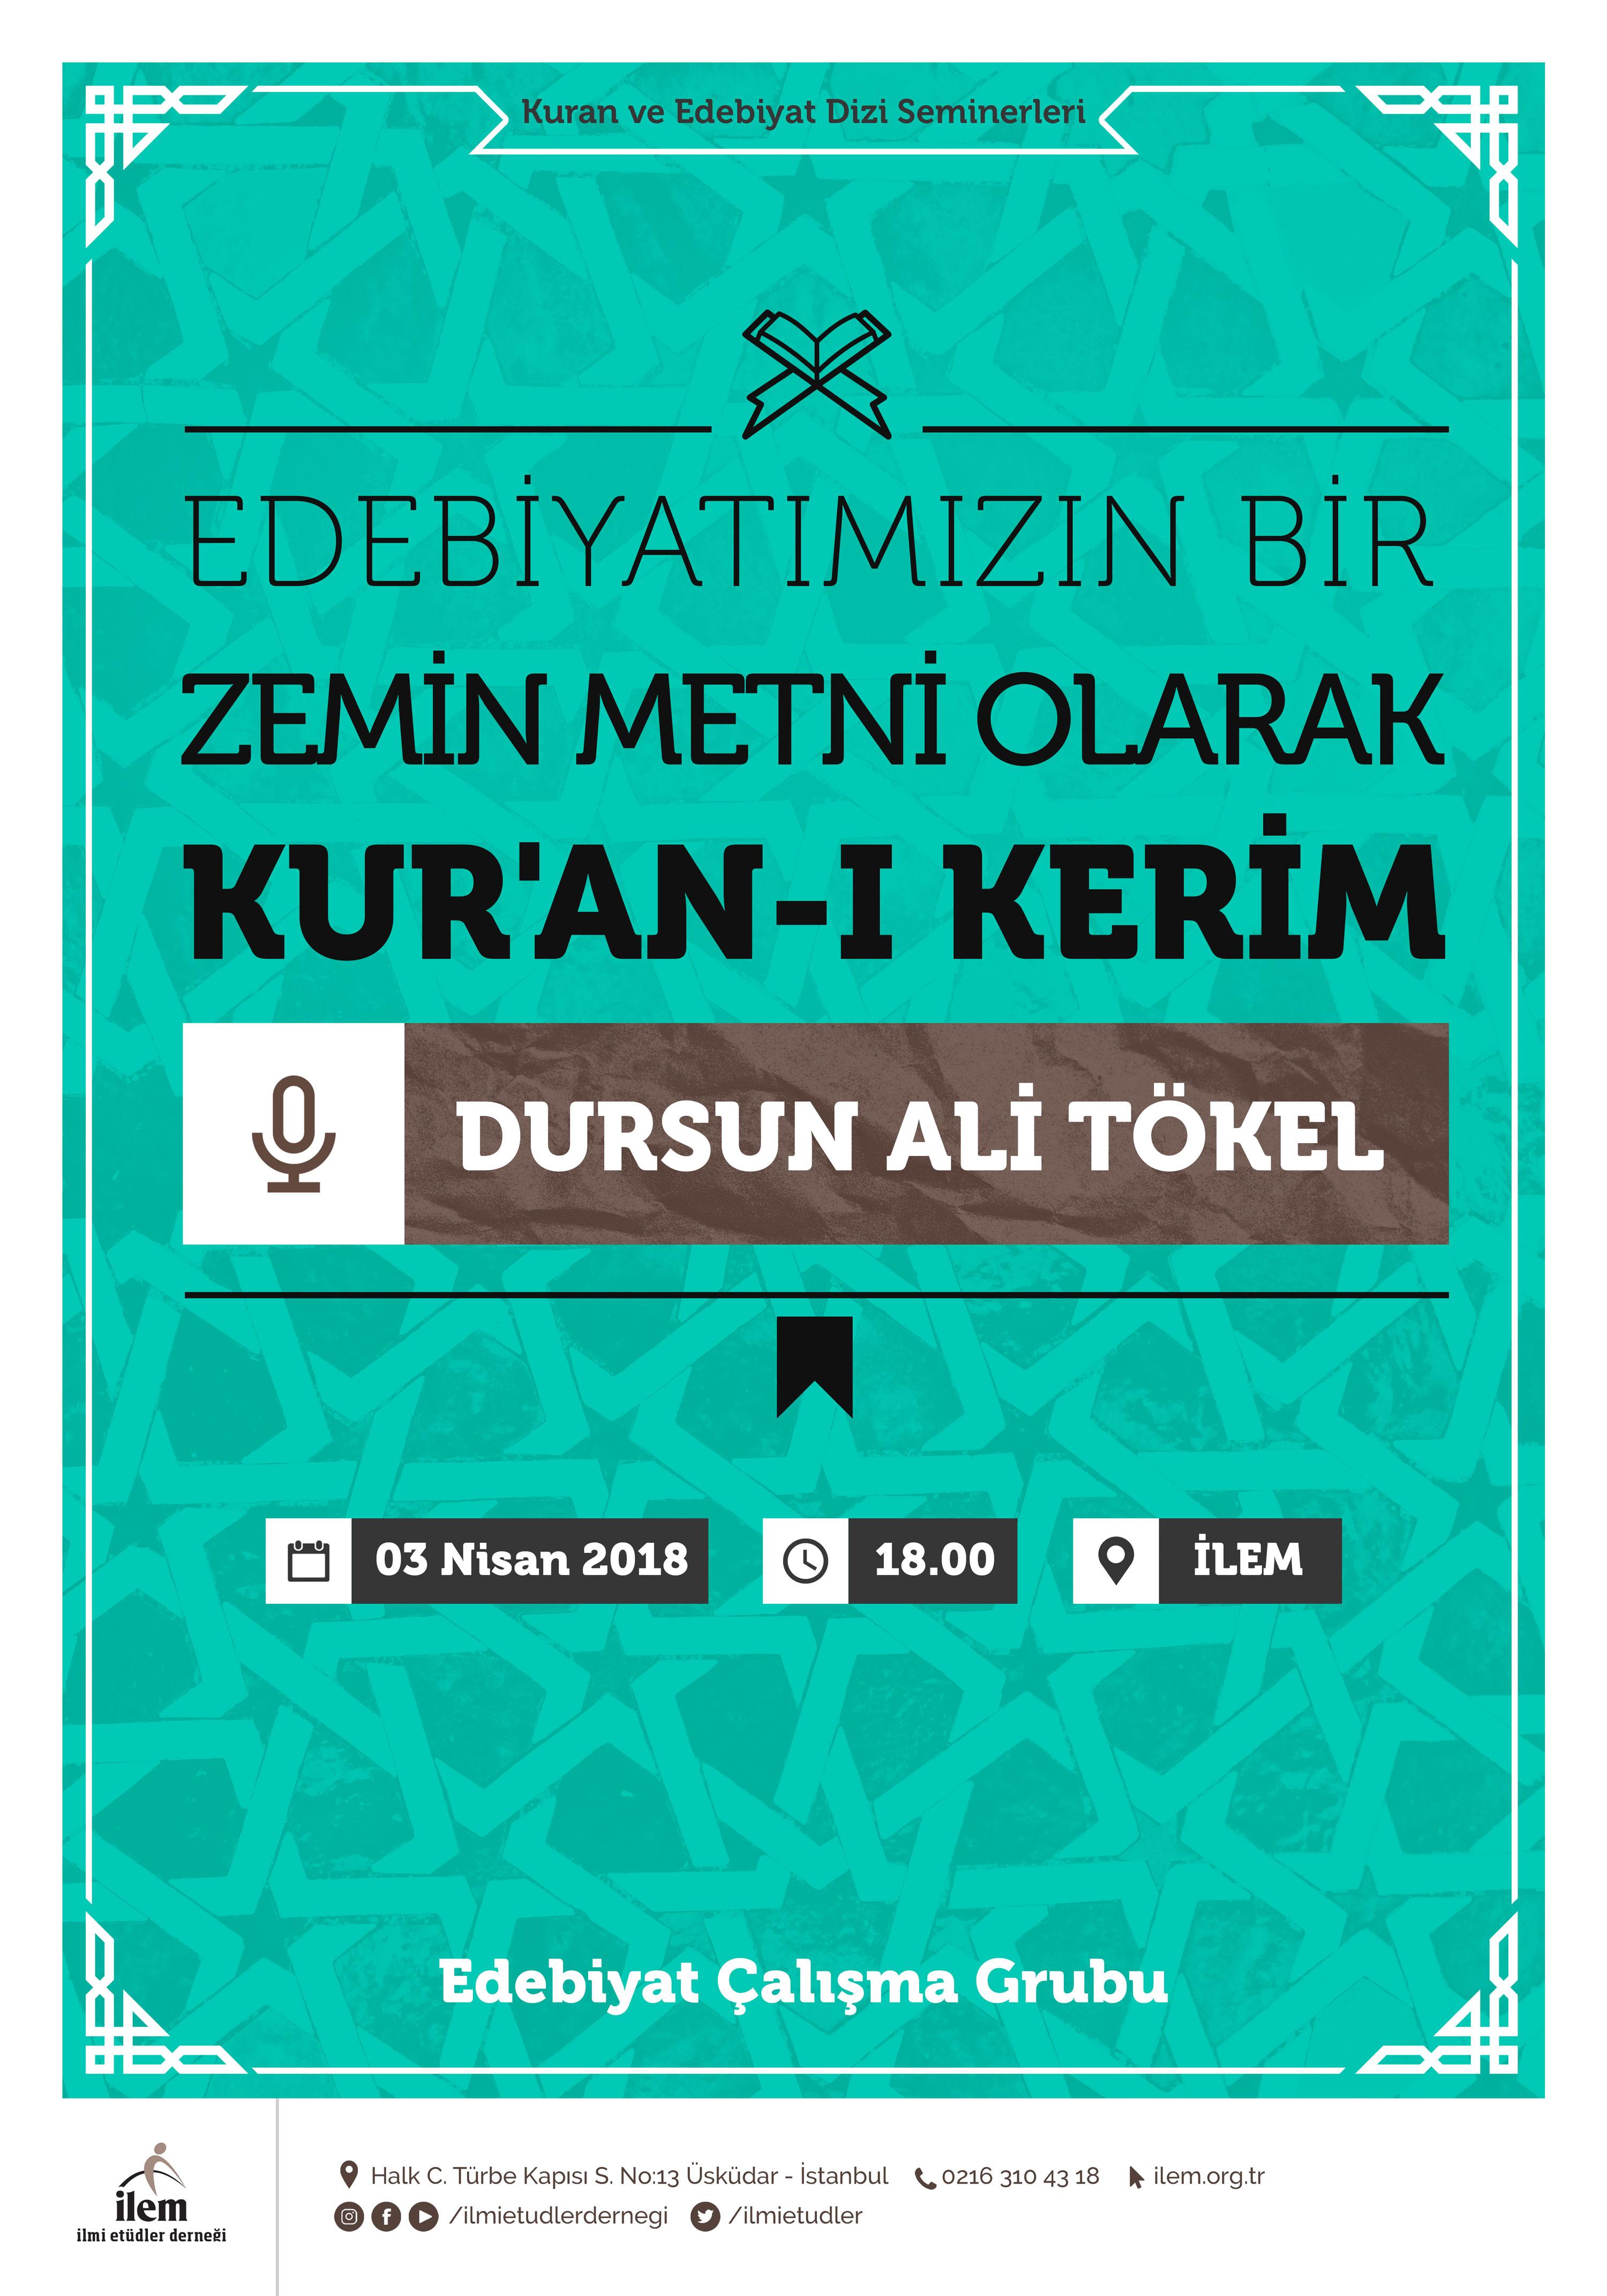 Edebiyatımızın Bir Zemin Metni Olarak Kuran-ı Kerim